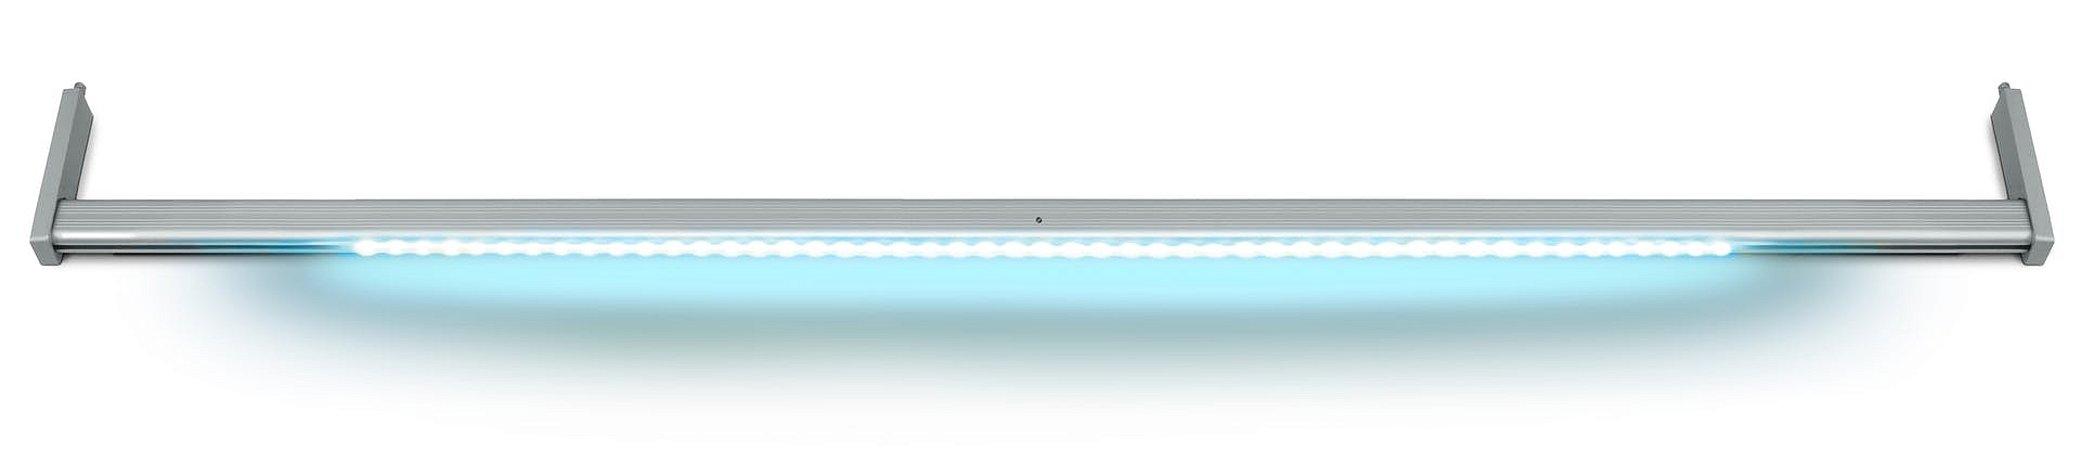 Cabideiro Led Editável 6000K Sensor Presença Aluminio 1200mm